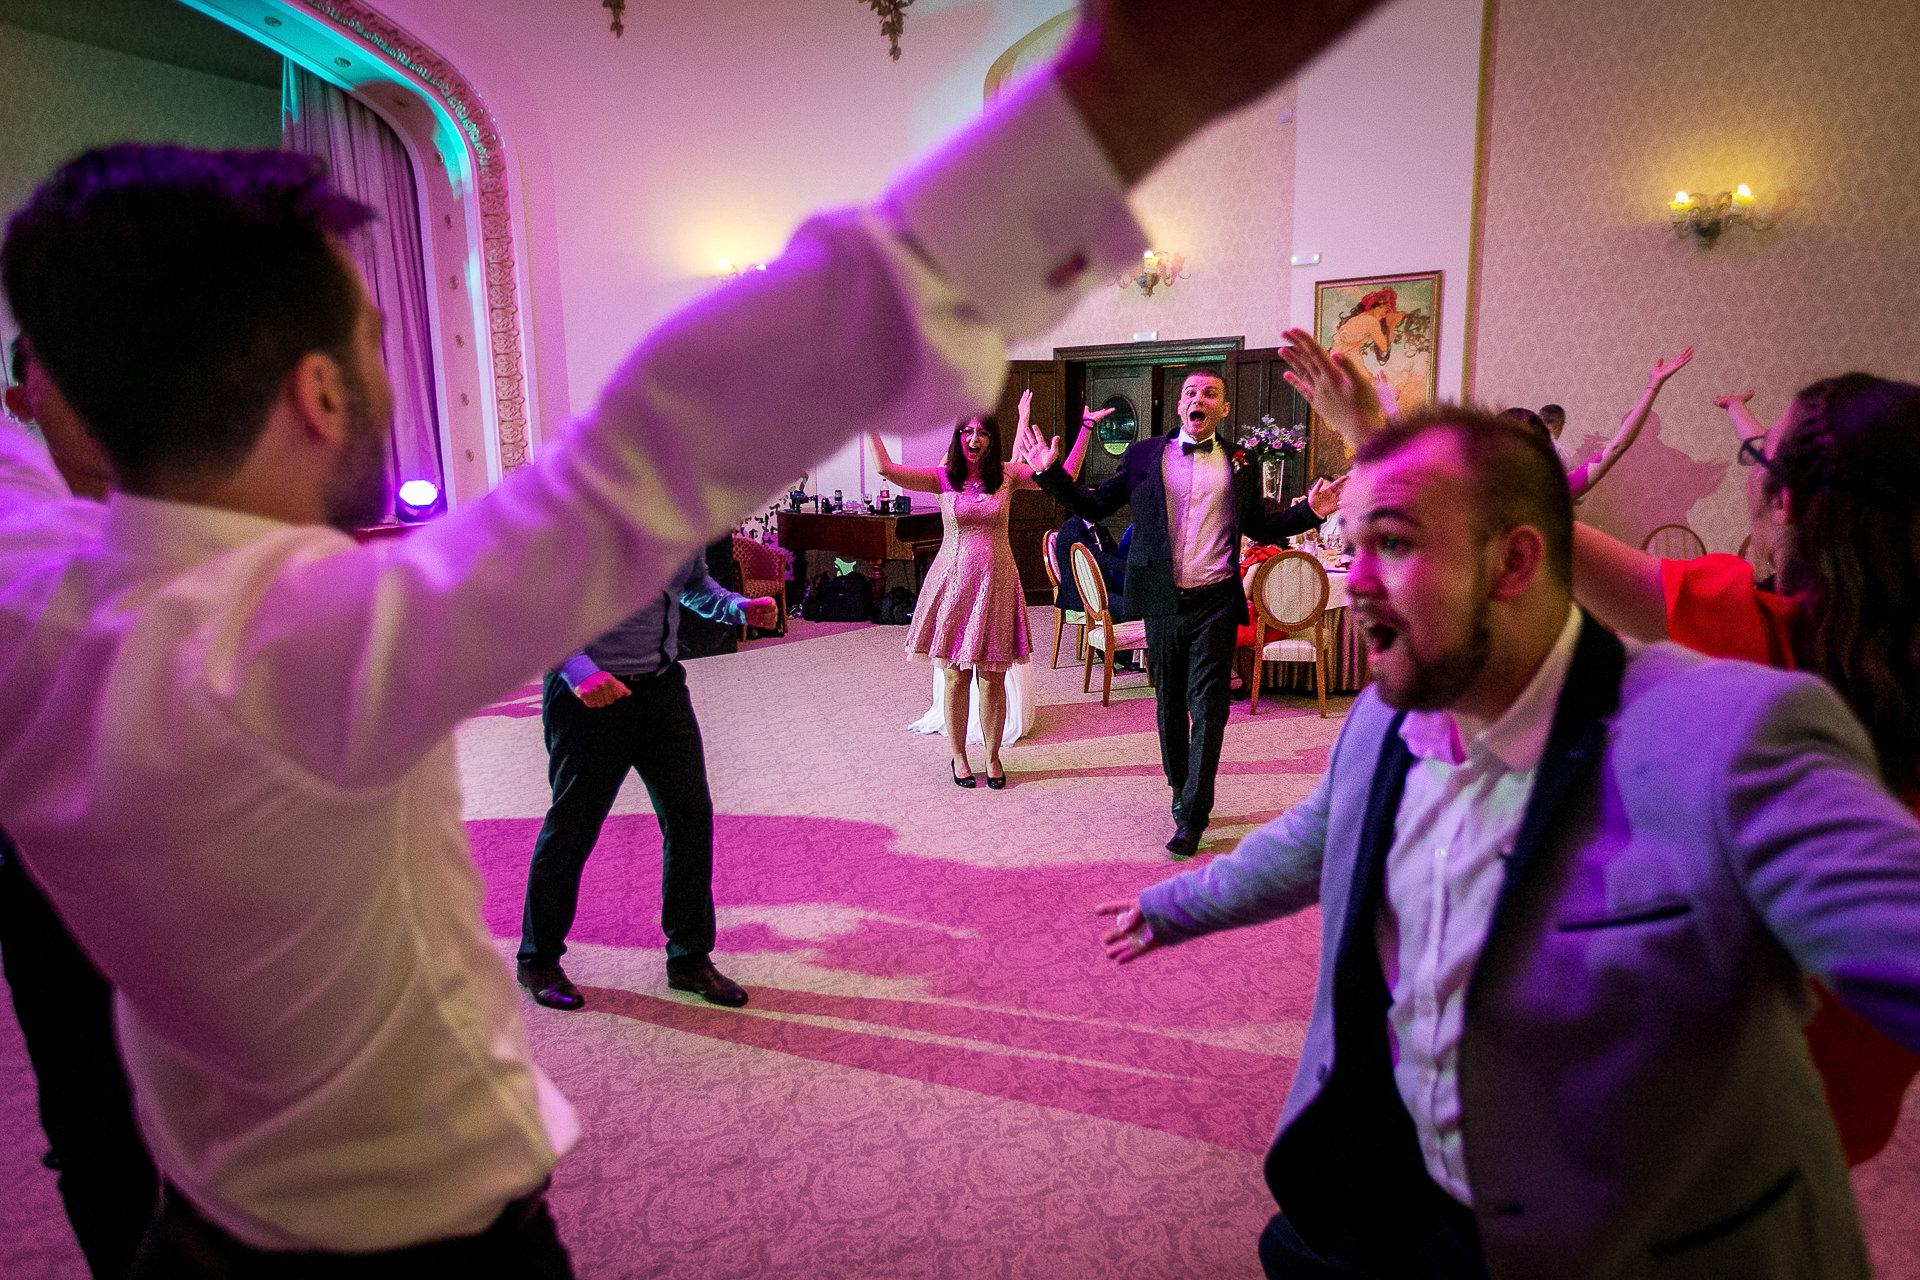 nuntă Salon Elisabeta - Elena şi Costin - Mihai Zaharia Photography - 088